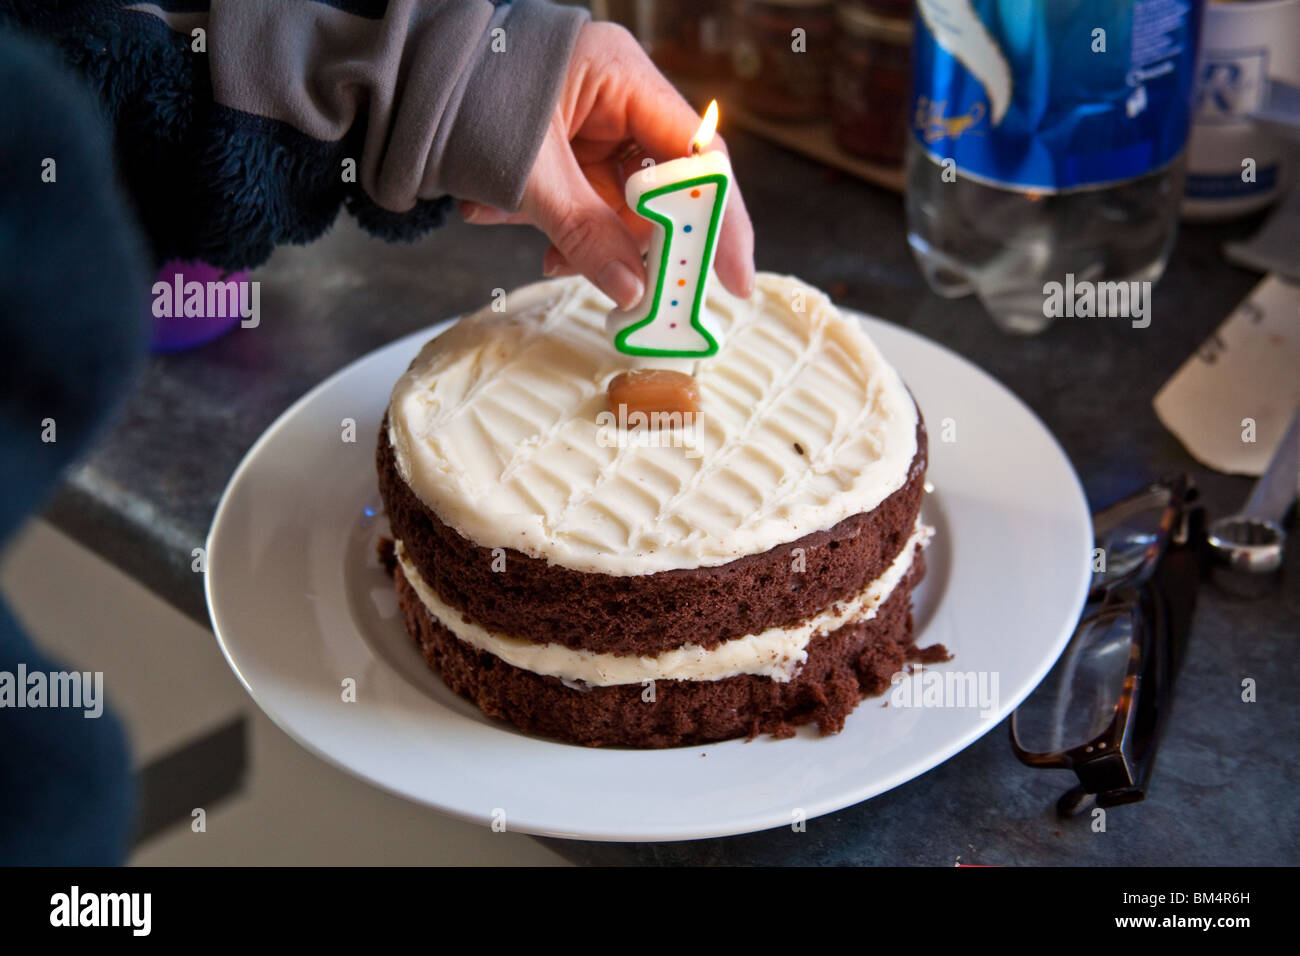 El chocolate, el pastel de cumpleaños con una vela número 1. Imagen De Stock